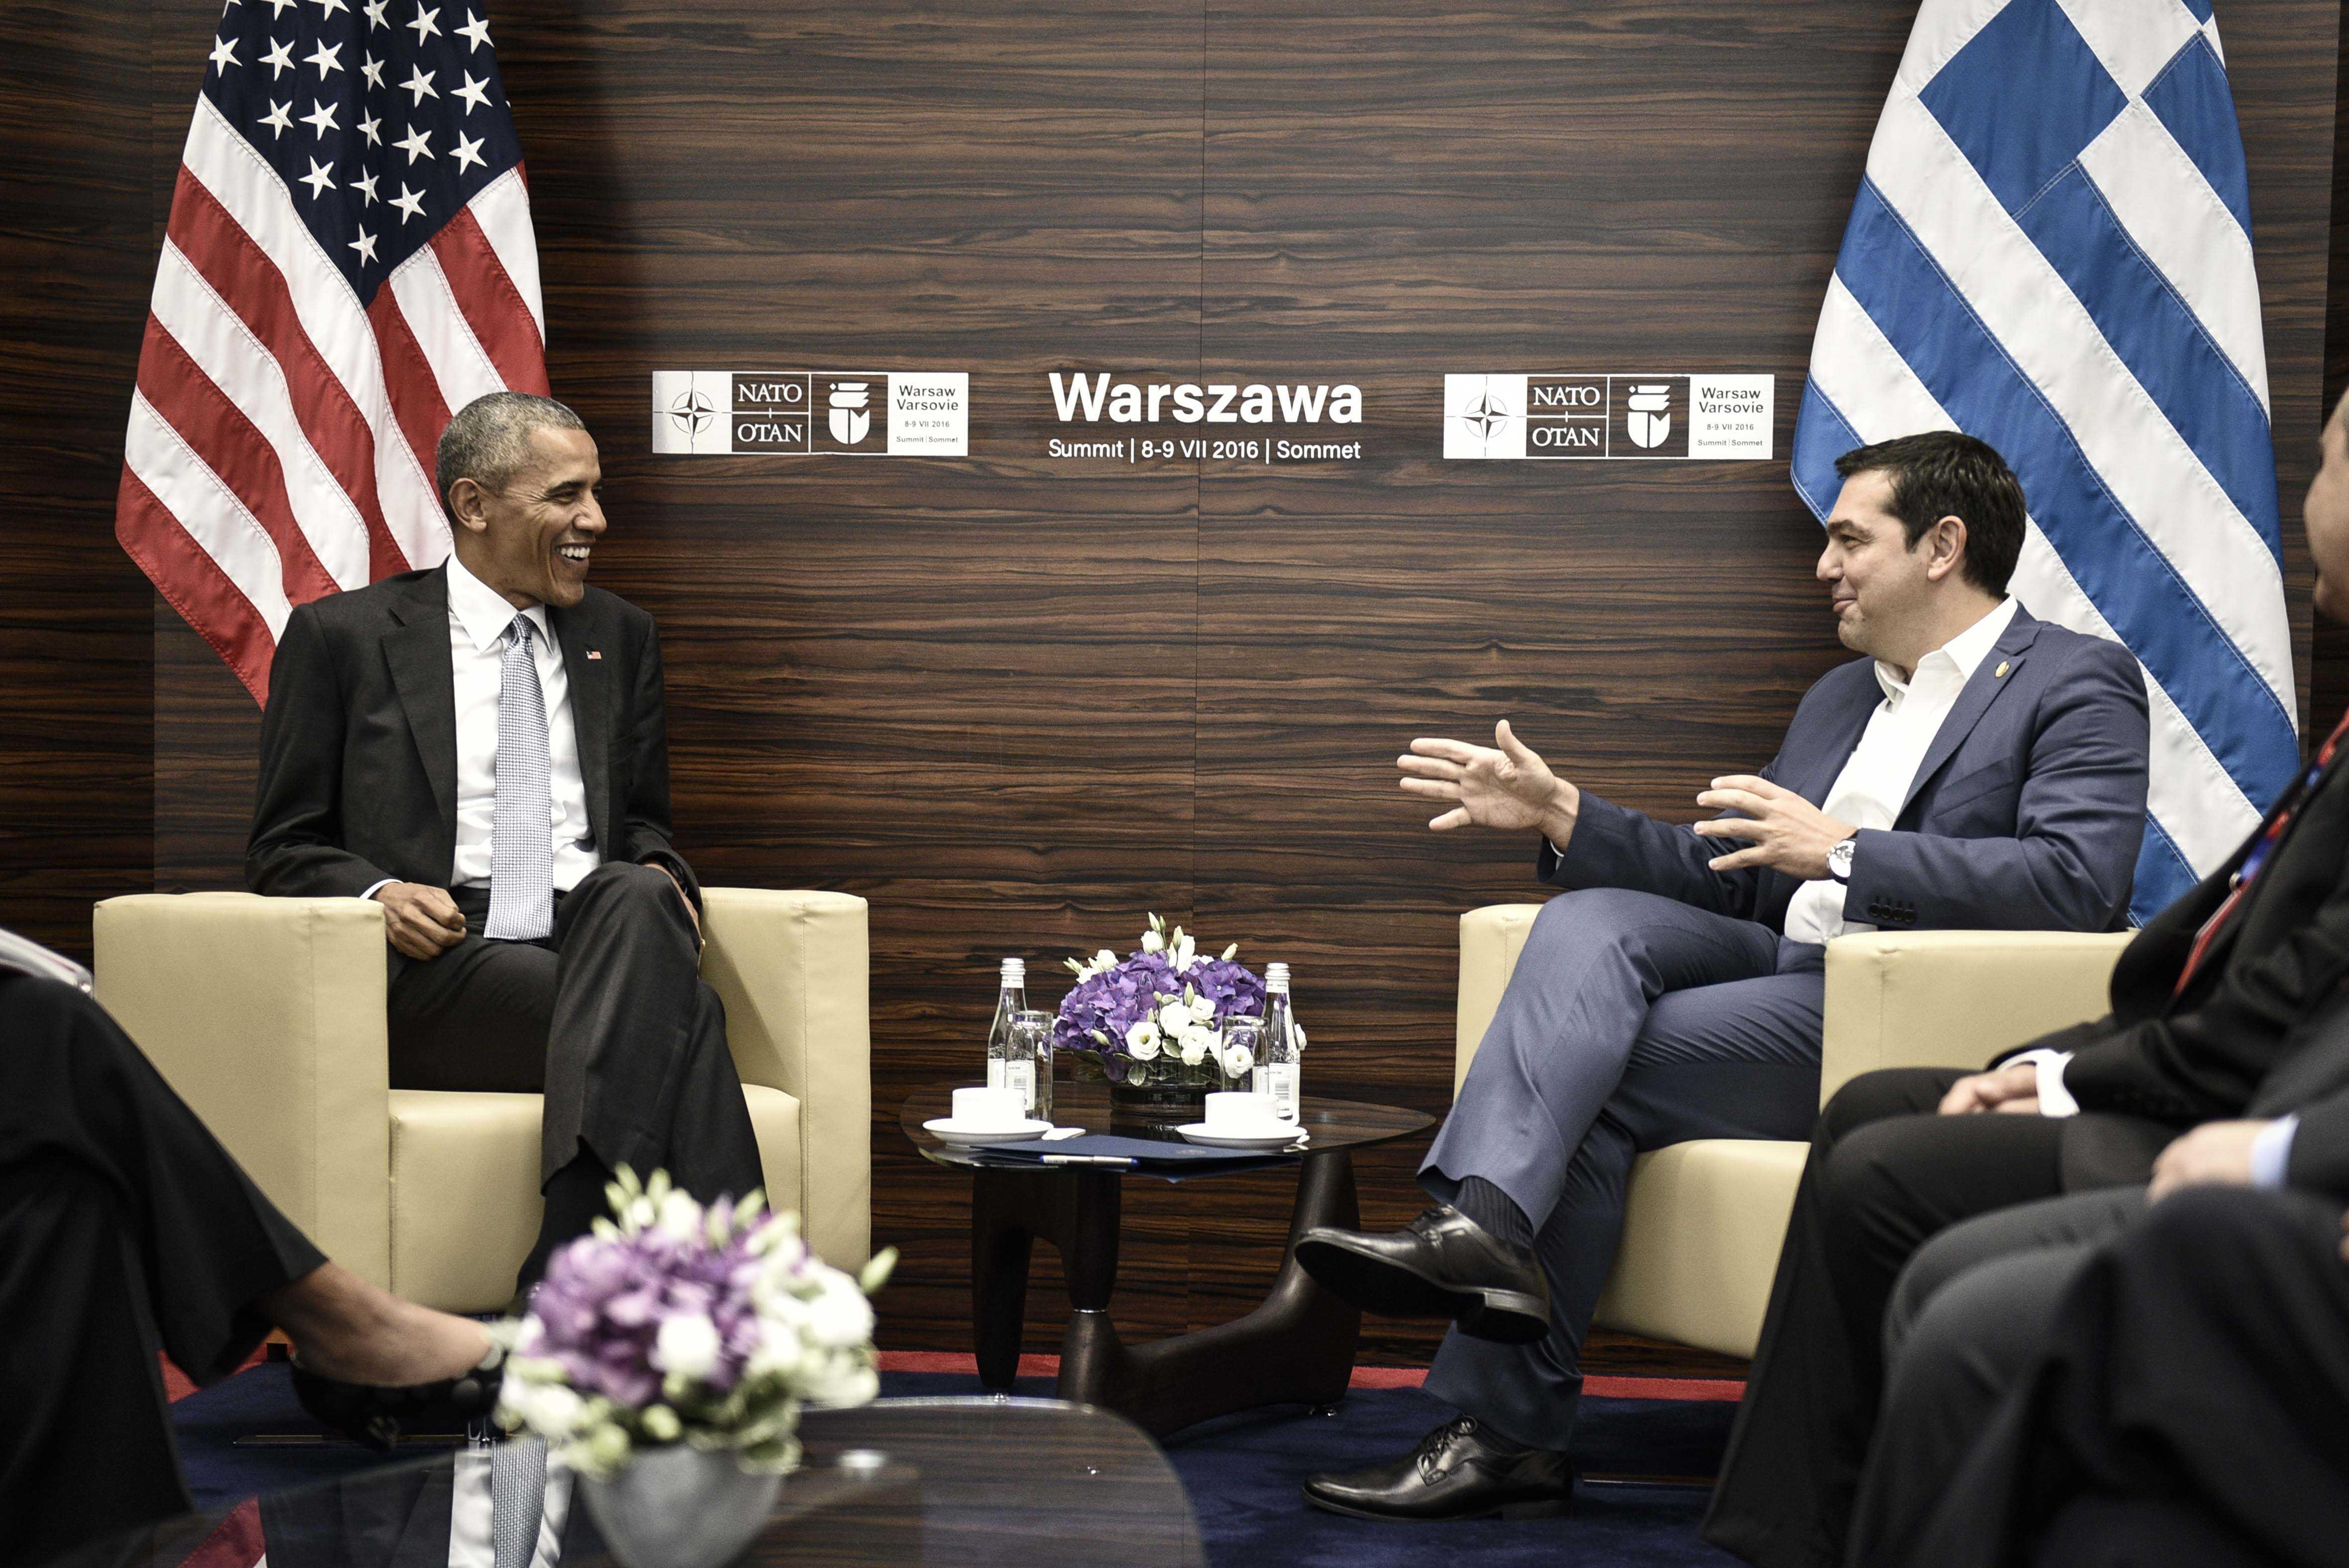 Επίσκεψη Ομπάμα: Η ελληνική ευκαιρία